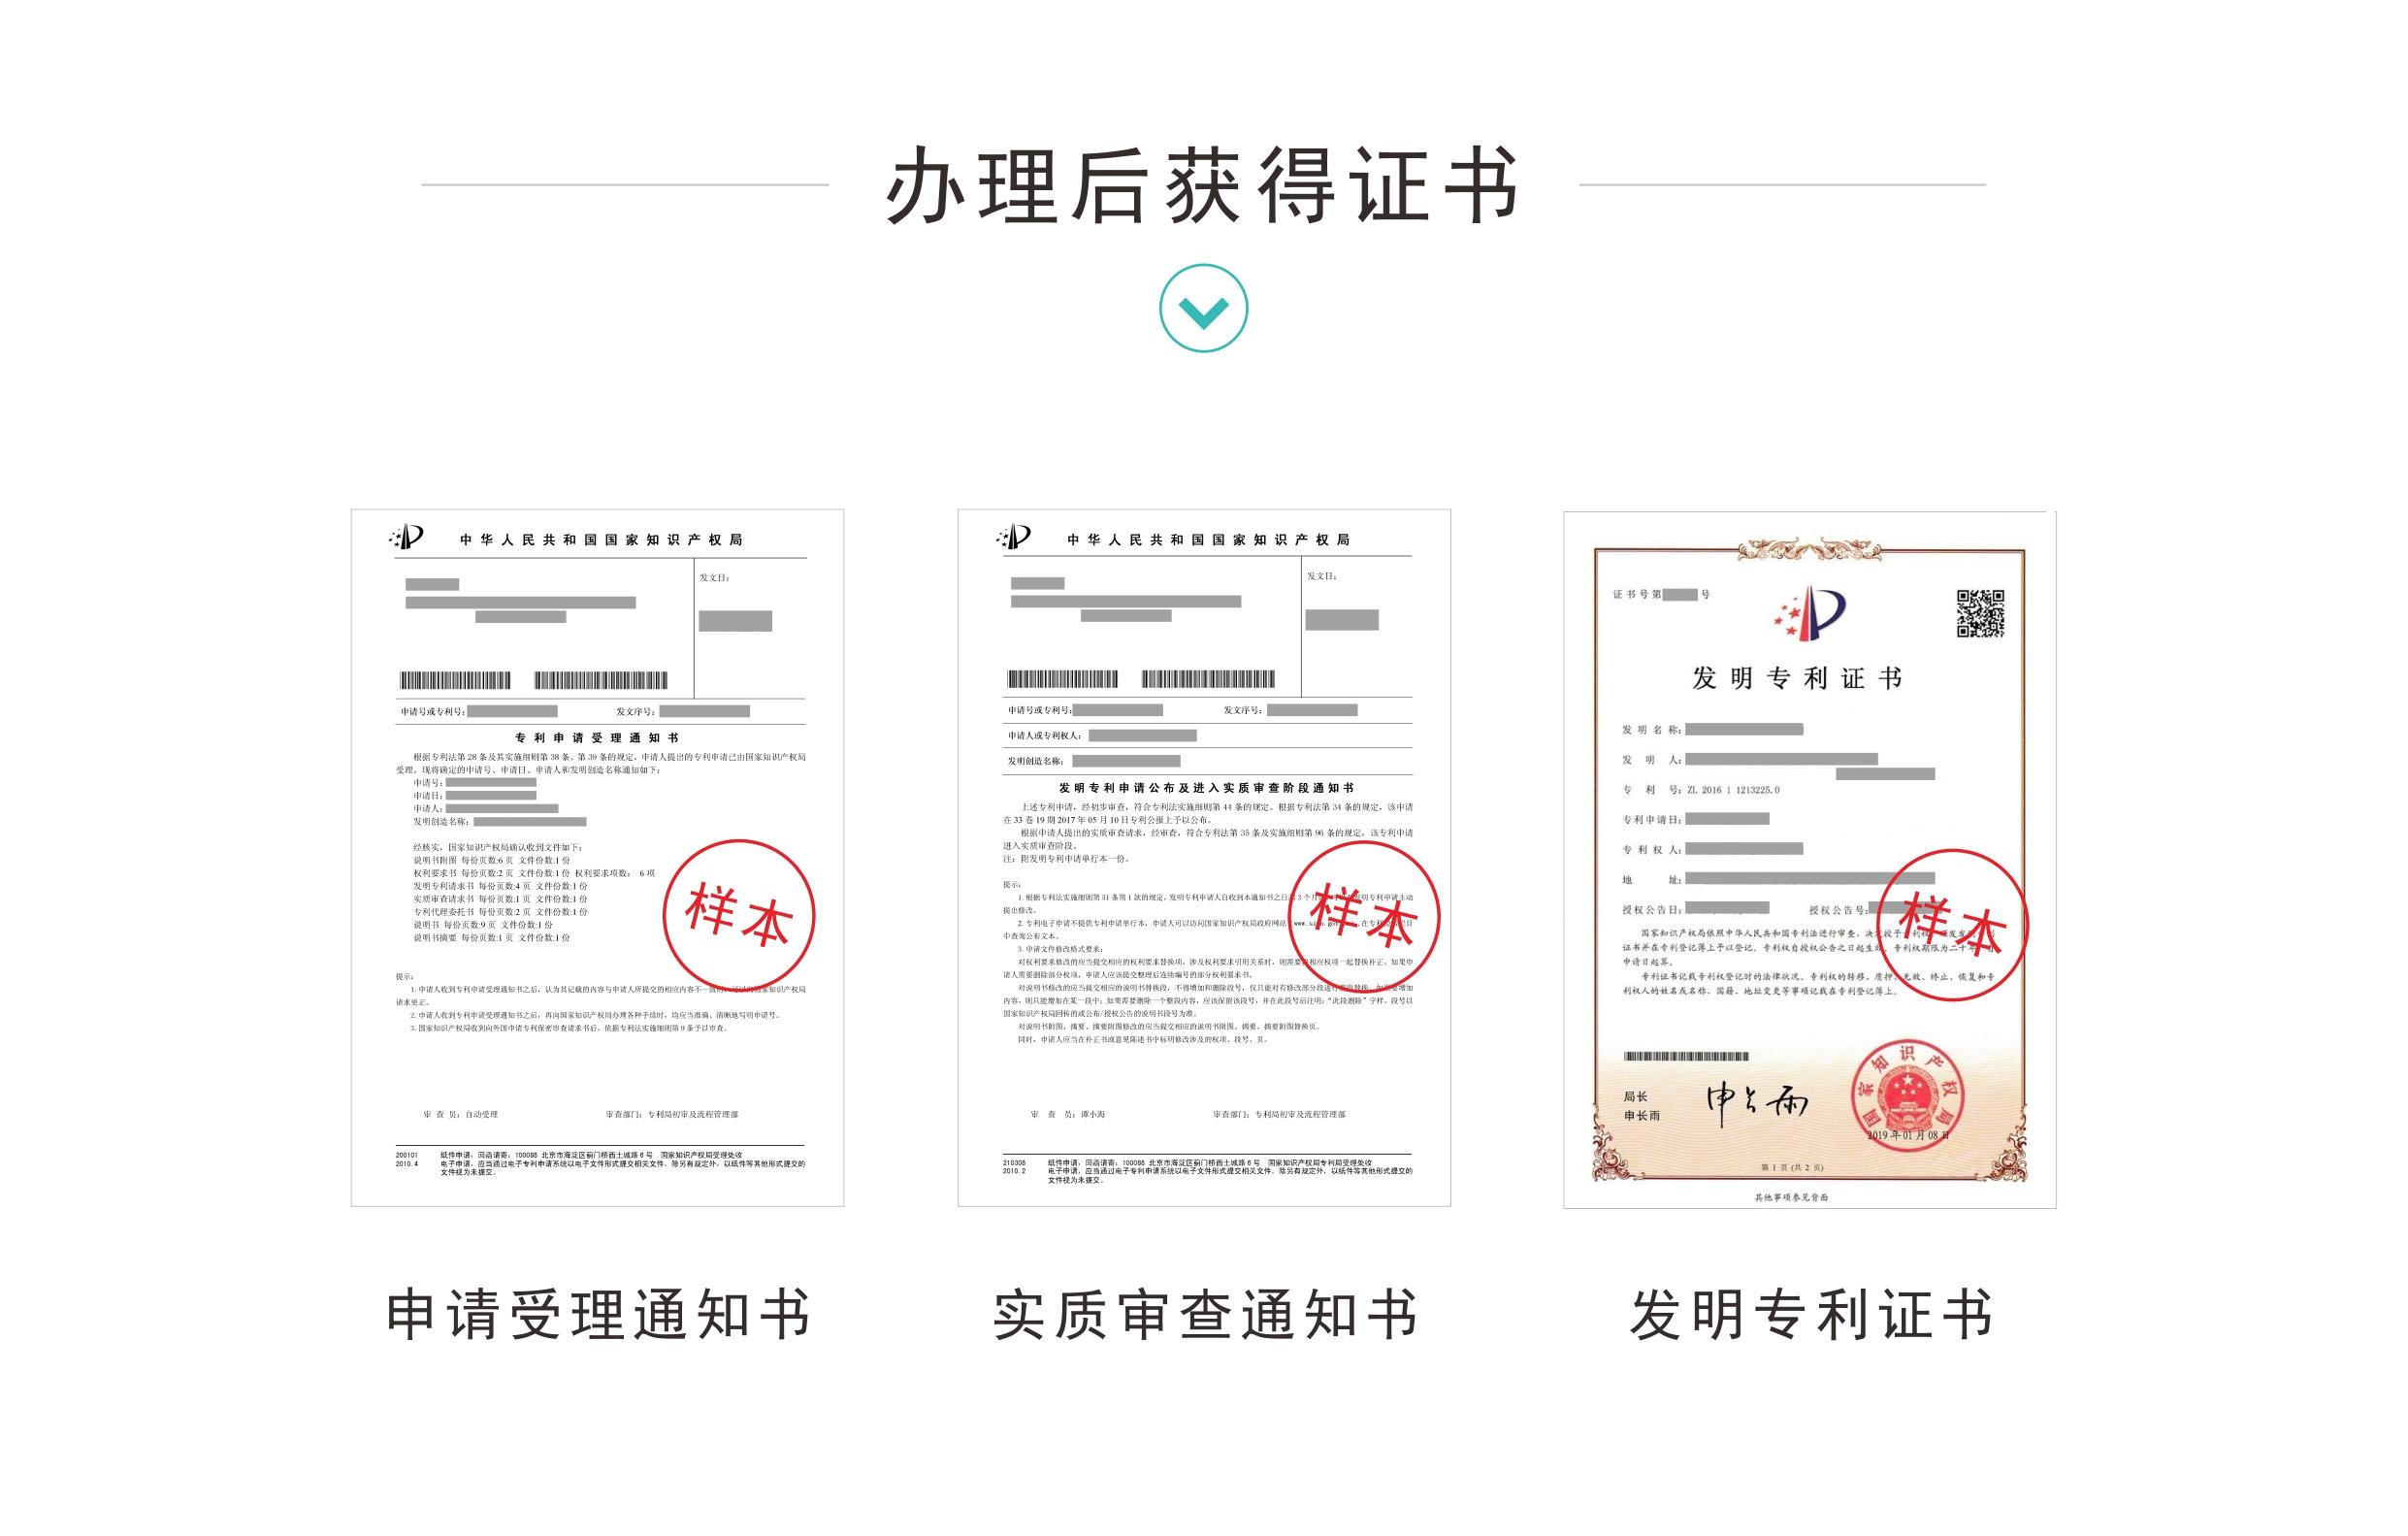 澄海智小鹿发明专利申请代理